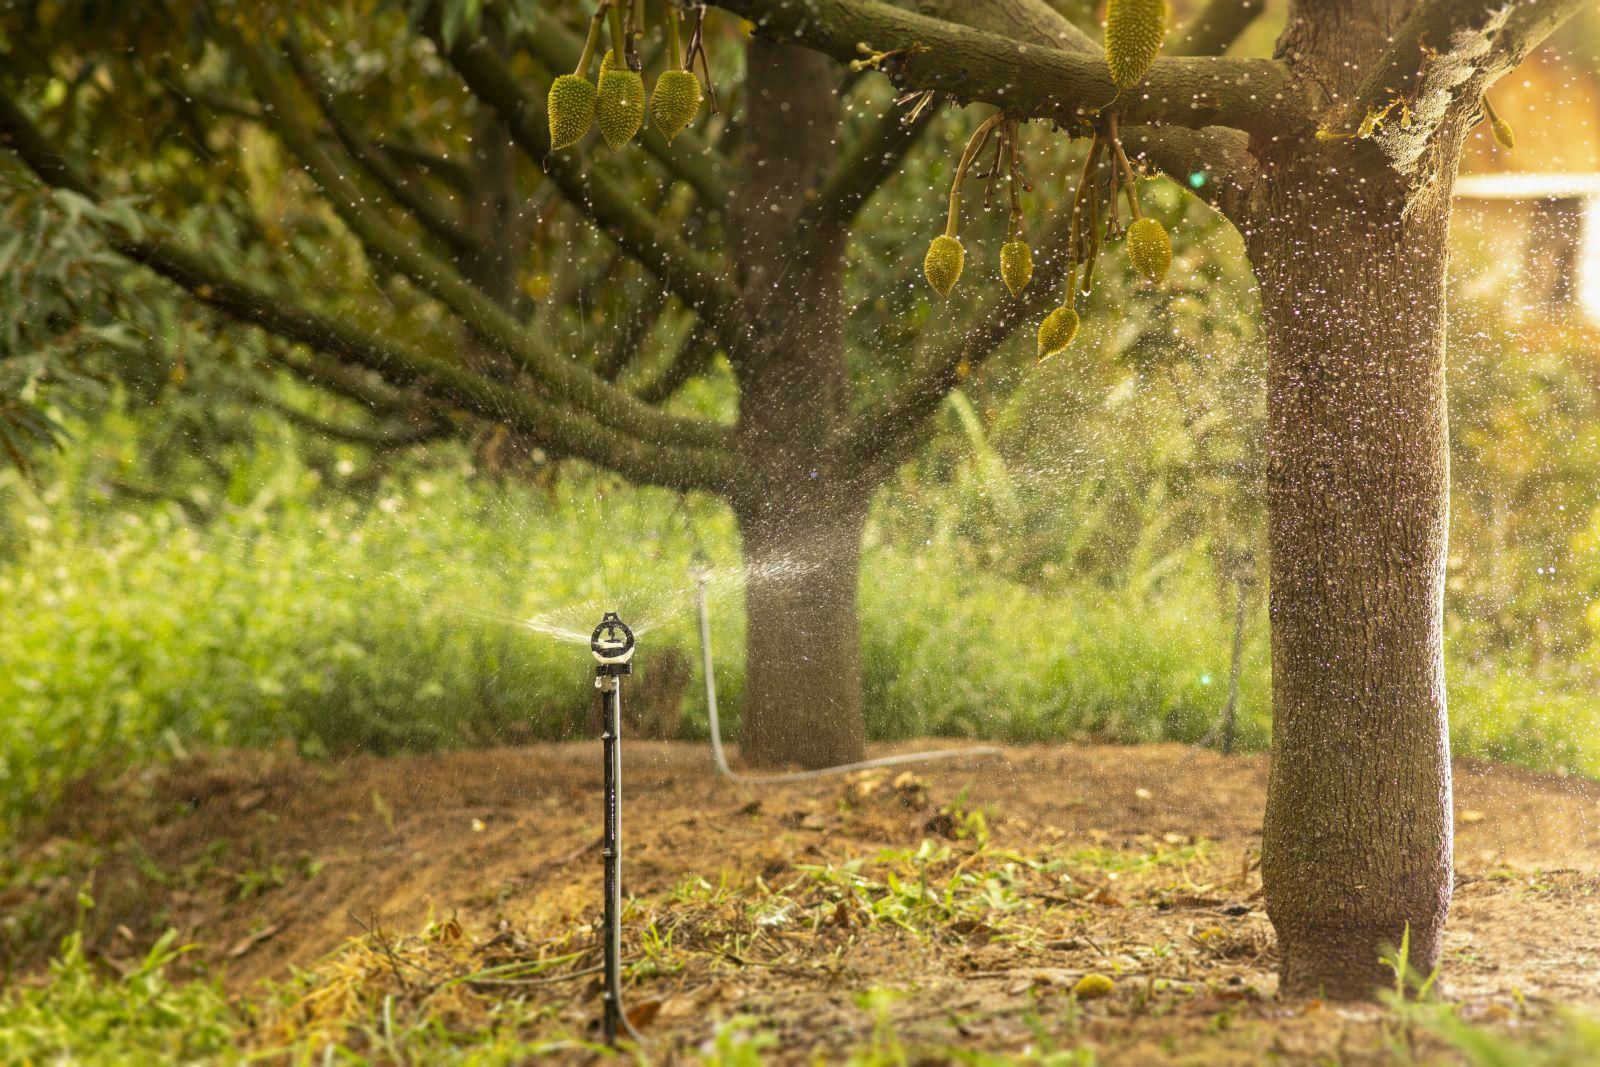 bssuper tưới cho cây sầu riêng tại lâm đồng